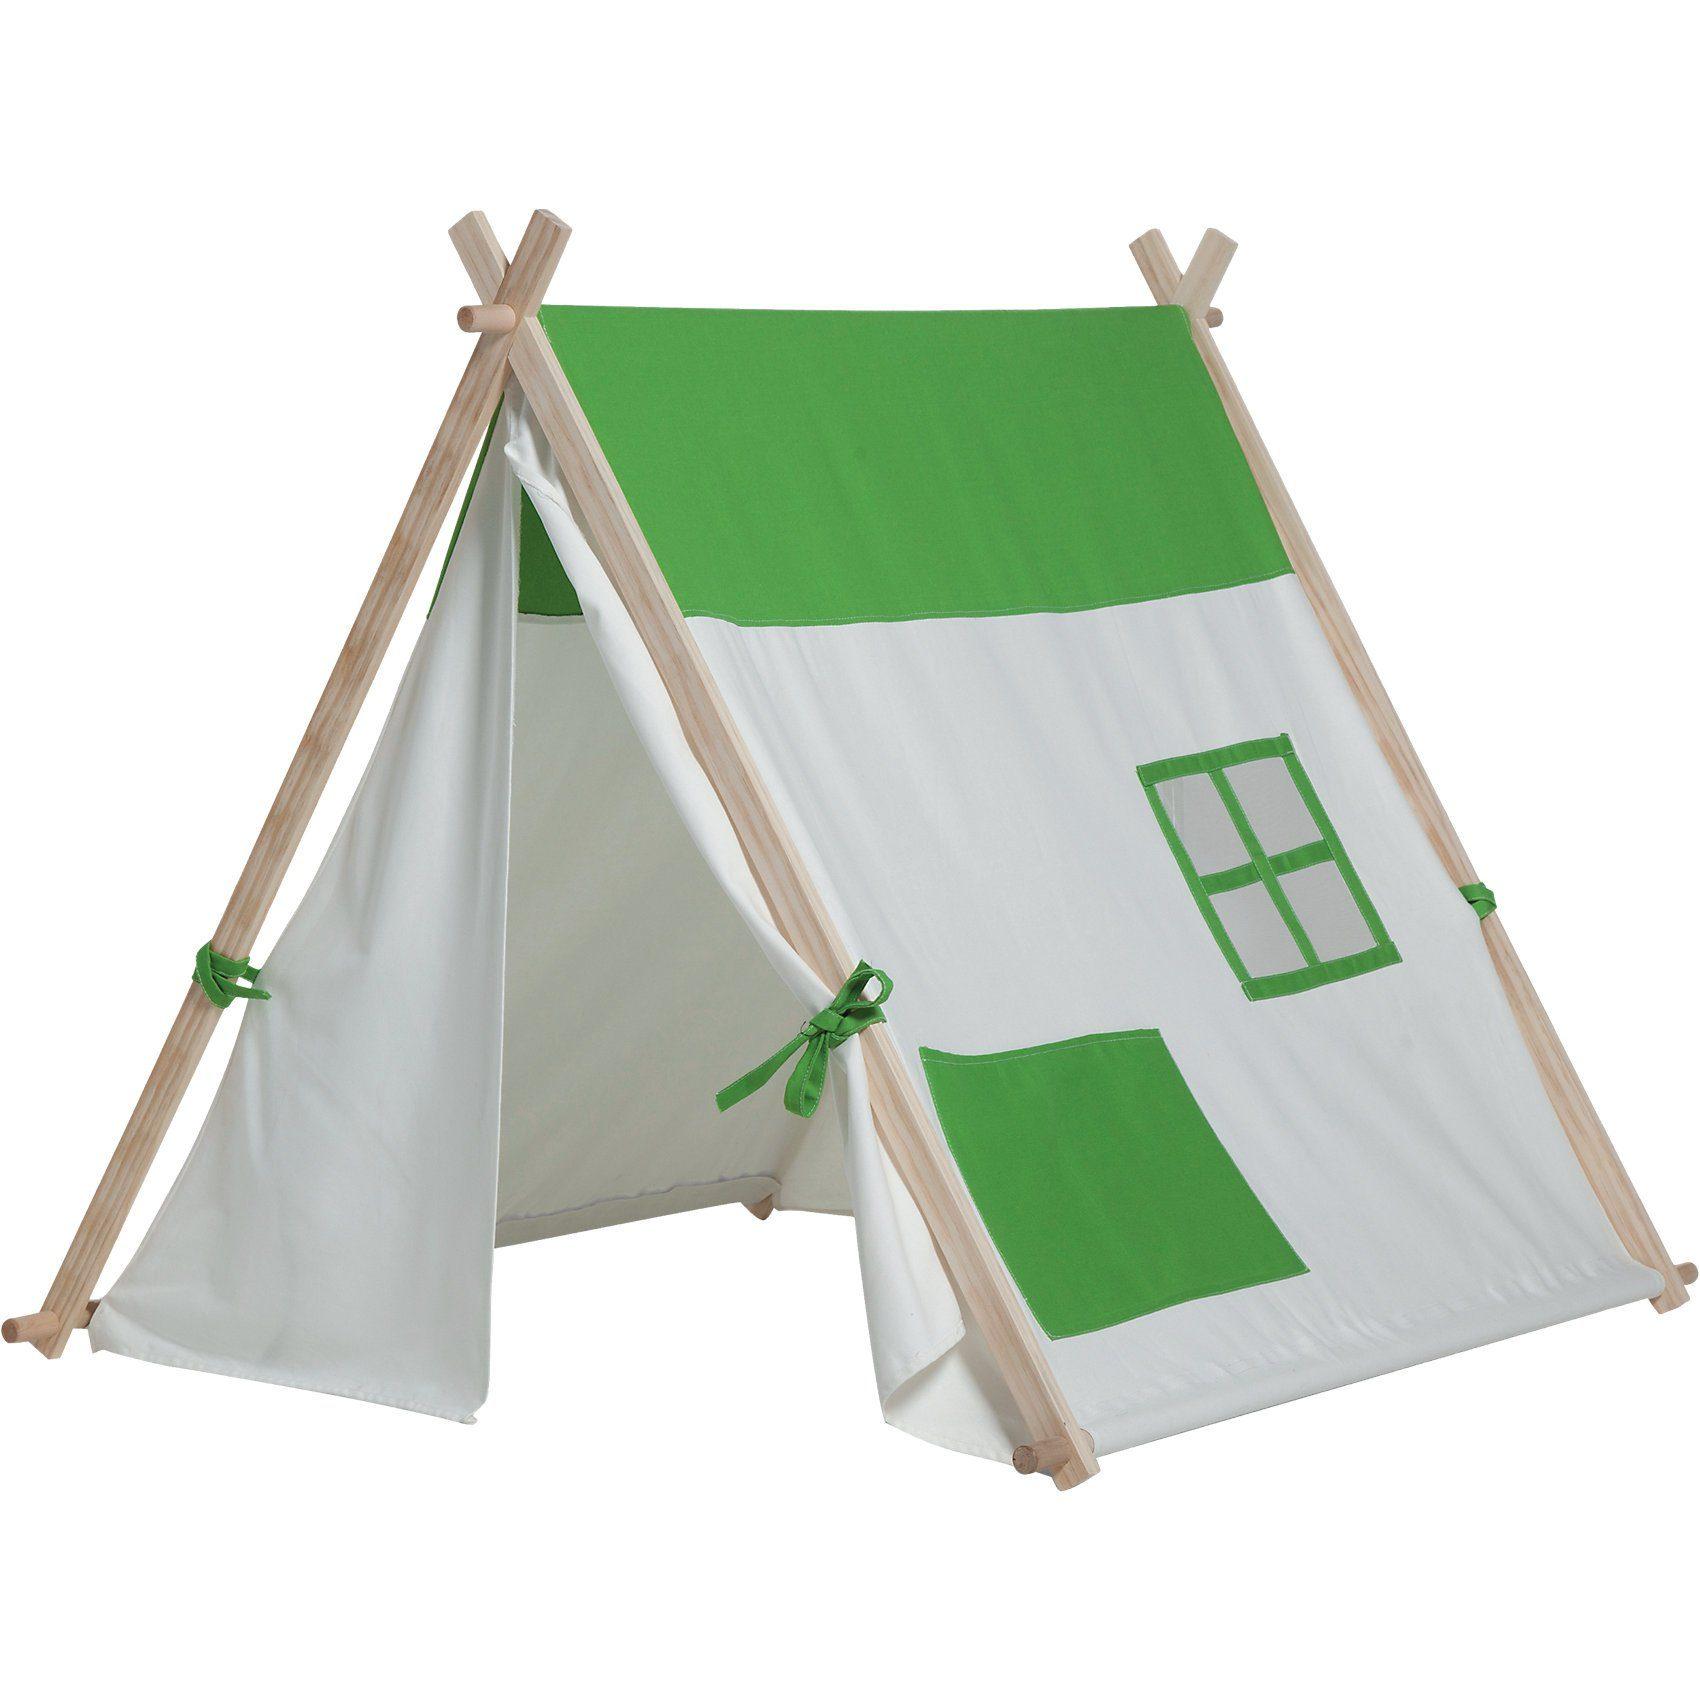 Buiten Speel (BS) Triangle Tent